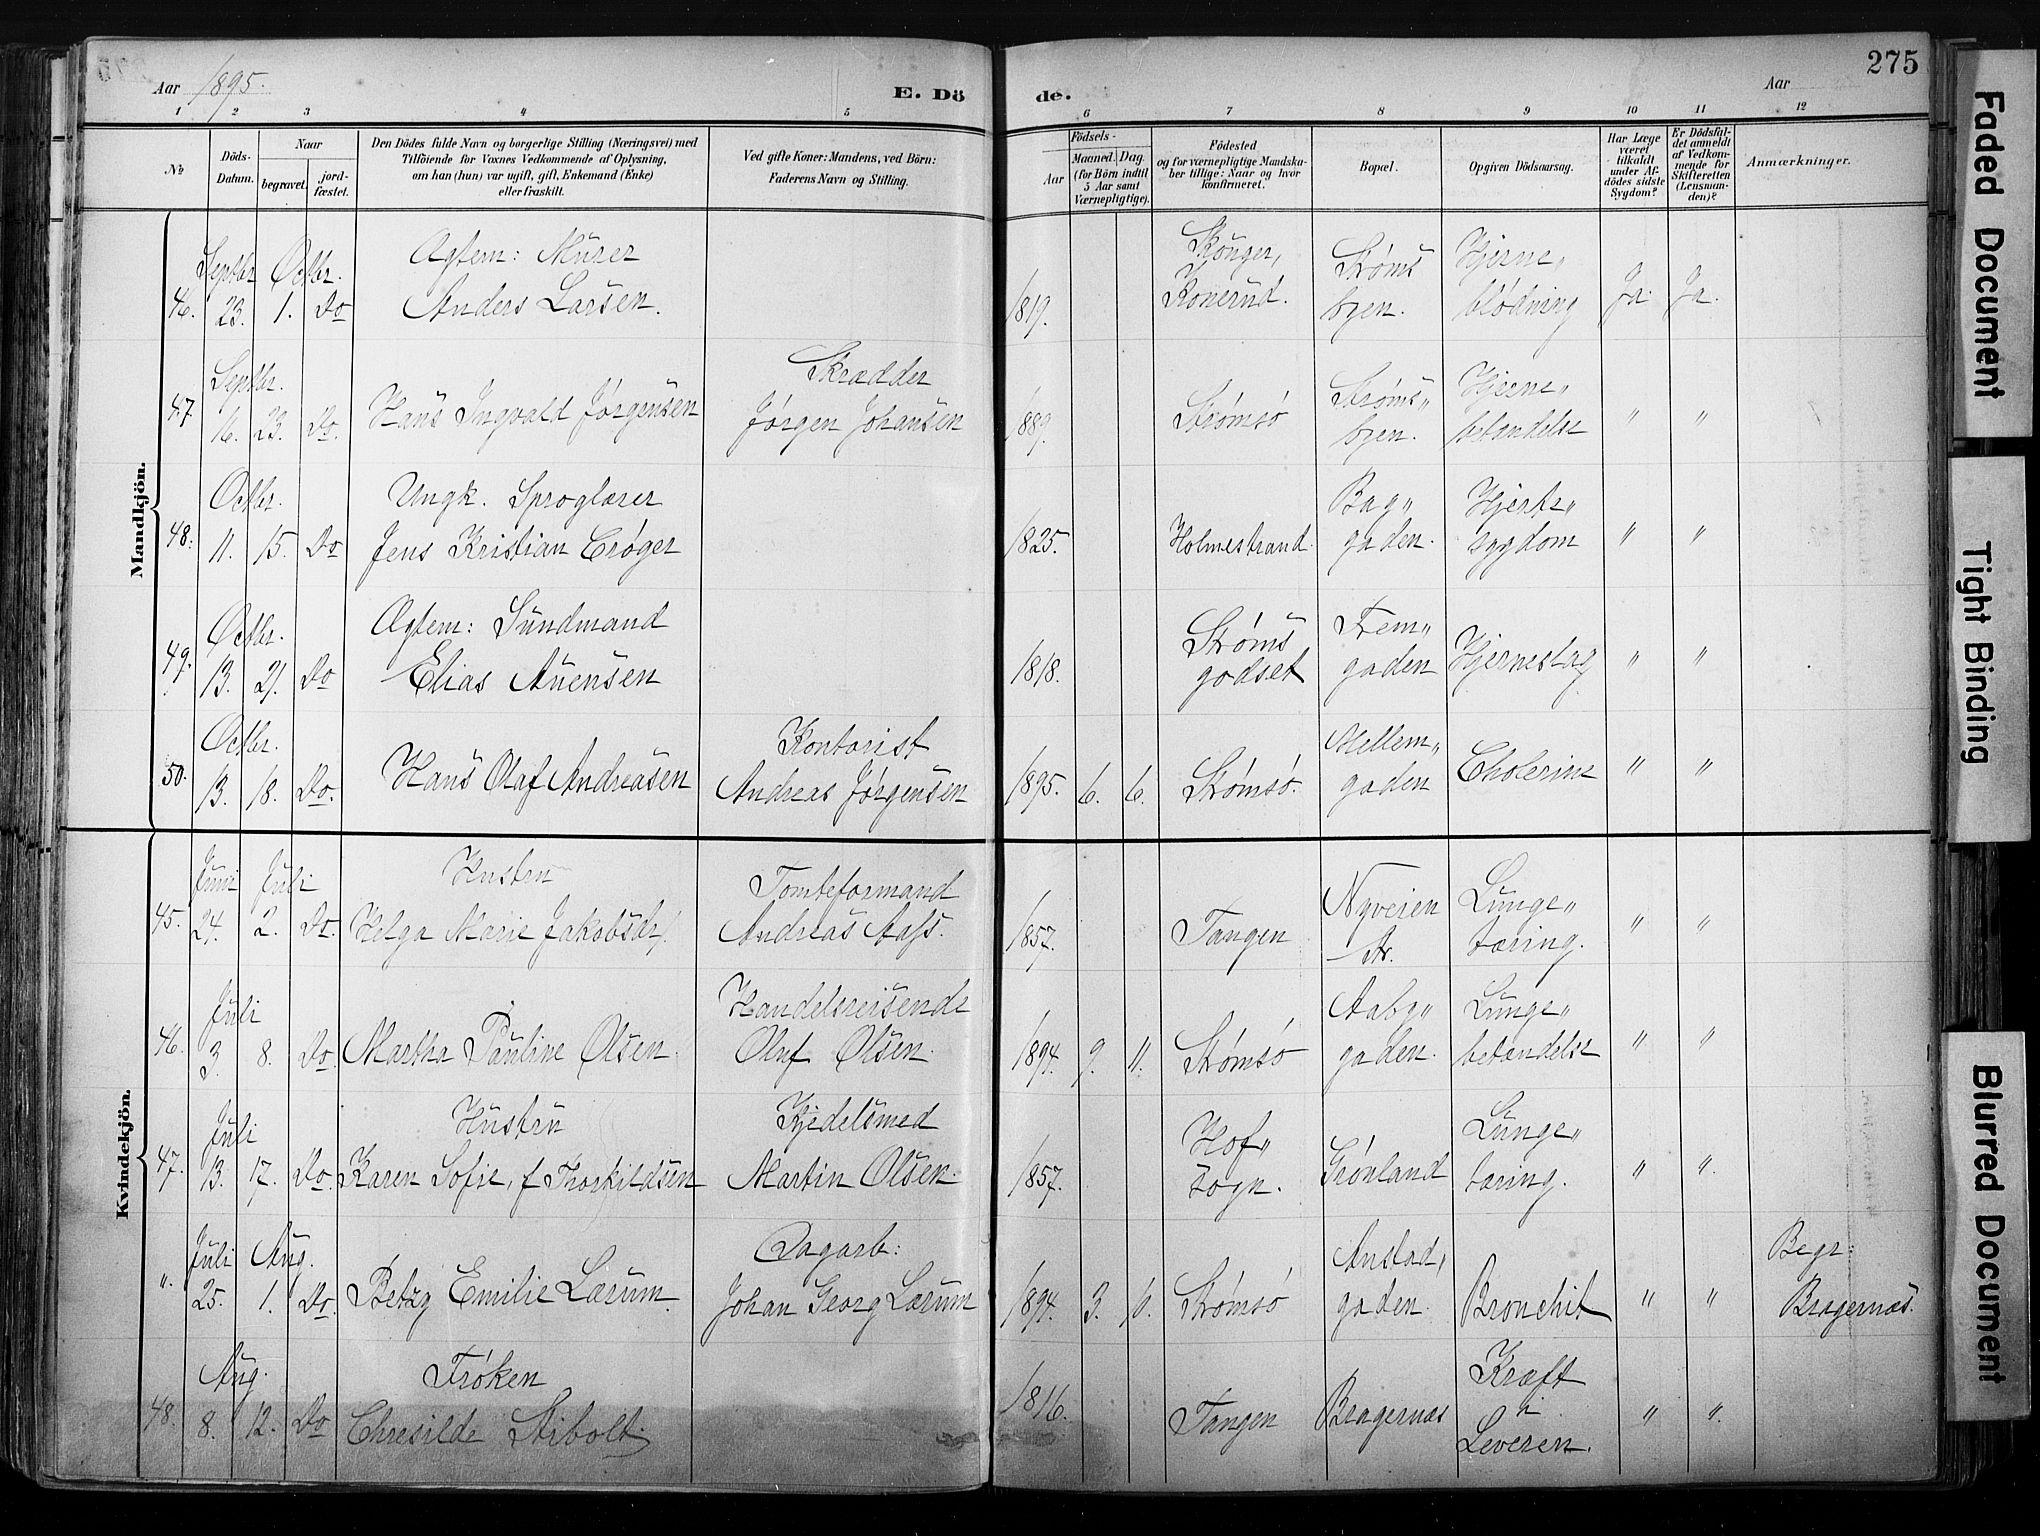 SAKO, Strømsø kirkebøker, G/Ga/L0003: Klokkerbok nr. 3, 1894-1904, s. 275